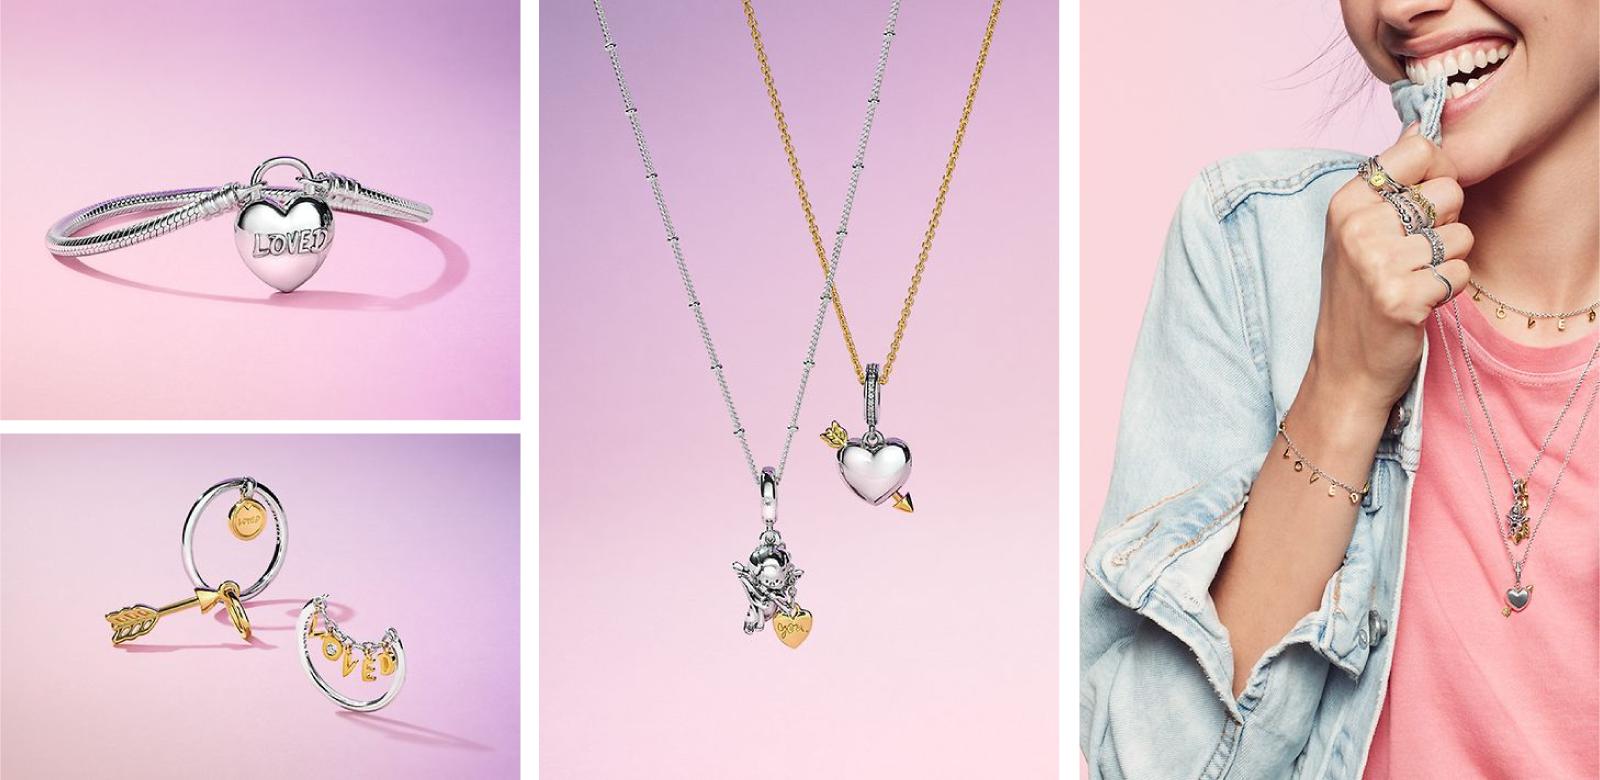 Pandora-valentijn-hartjes-bangles-armanden-zilver-sieraden-shop-je-bij-Wolters-Juweliers-Coevorden-Emmen